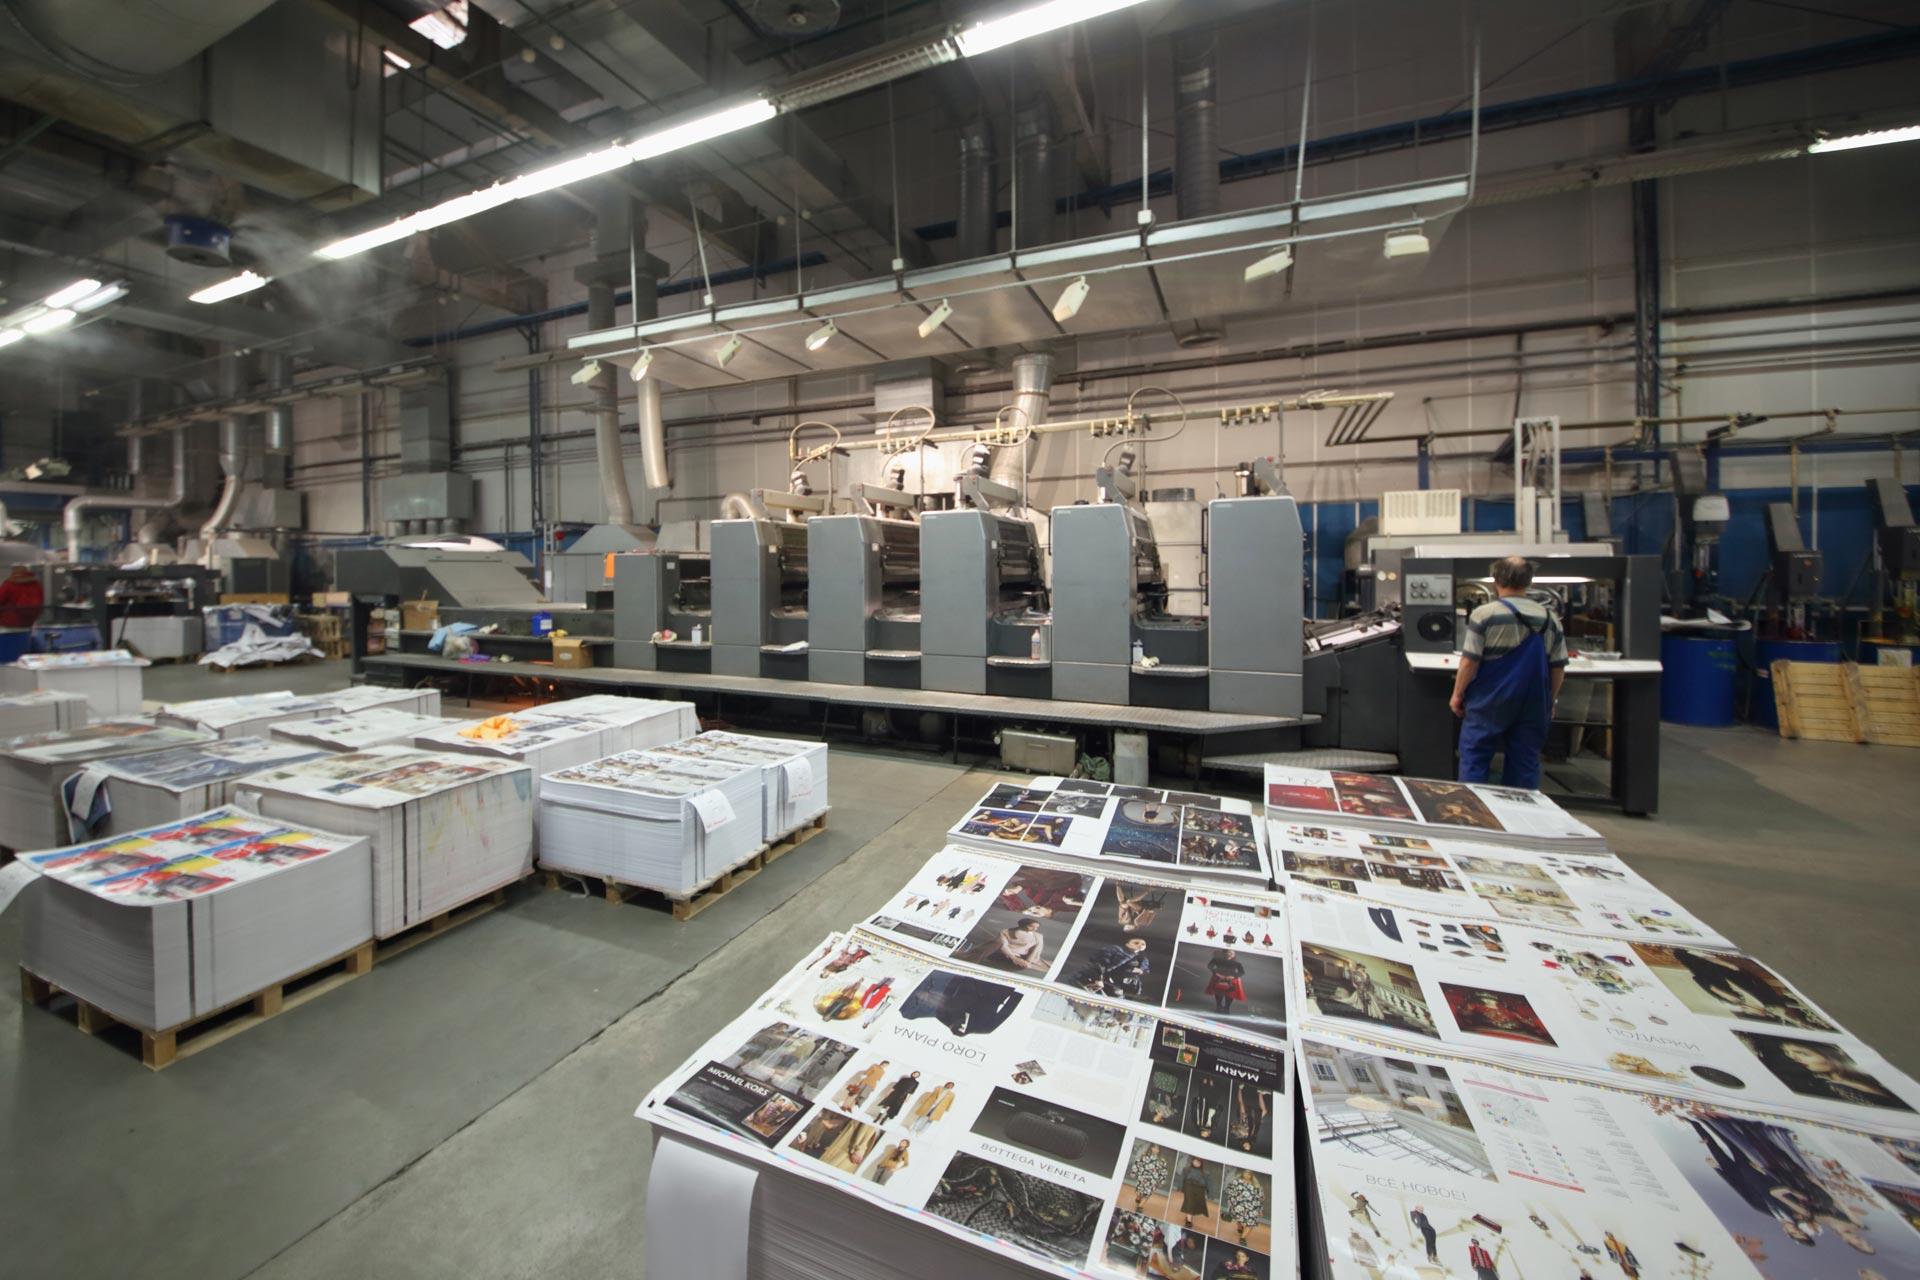 Flyer Printing Vaughan